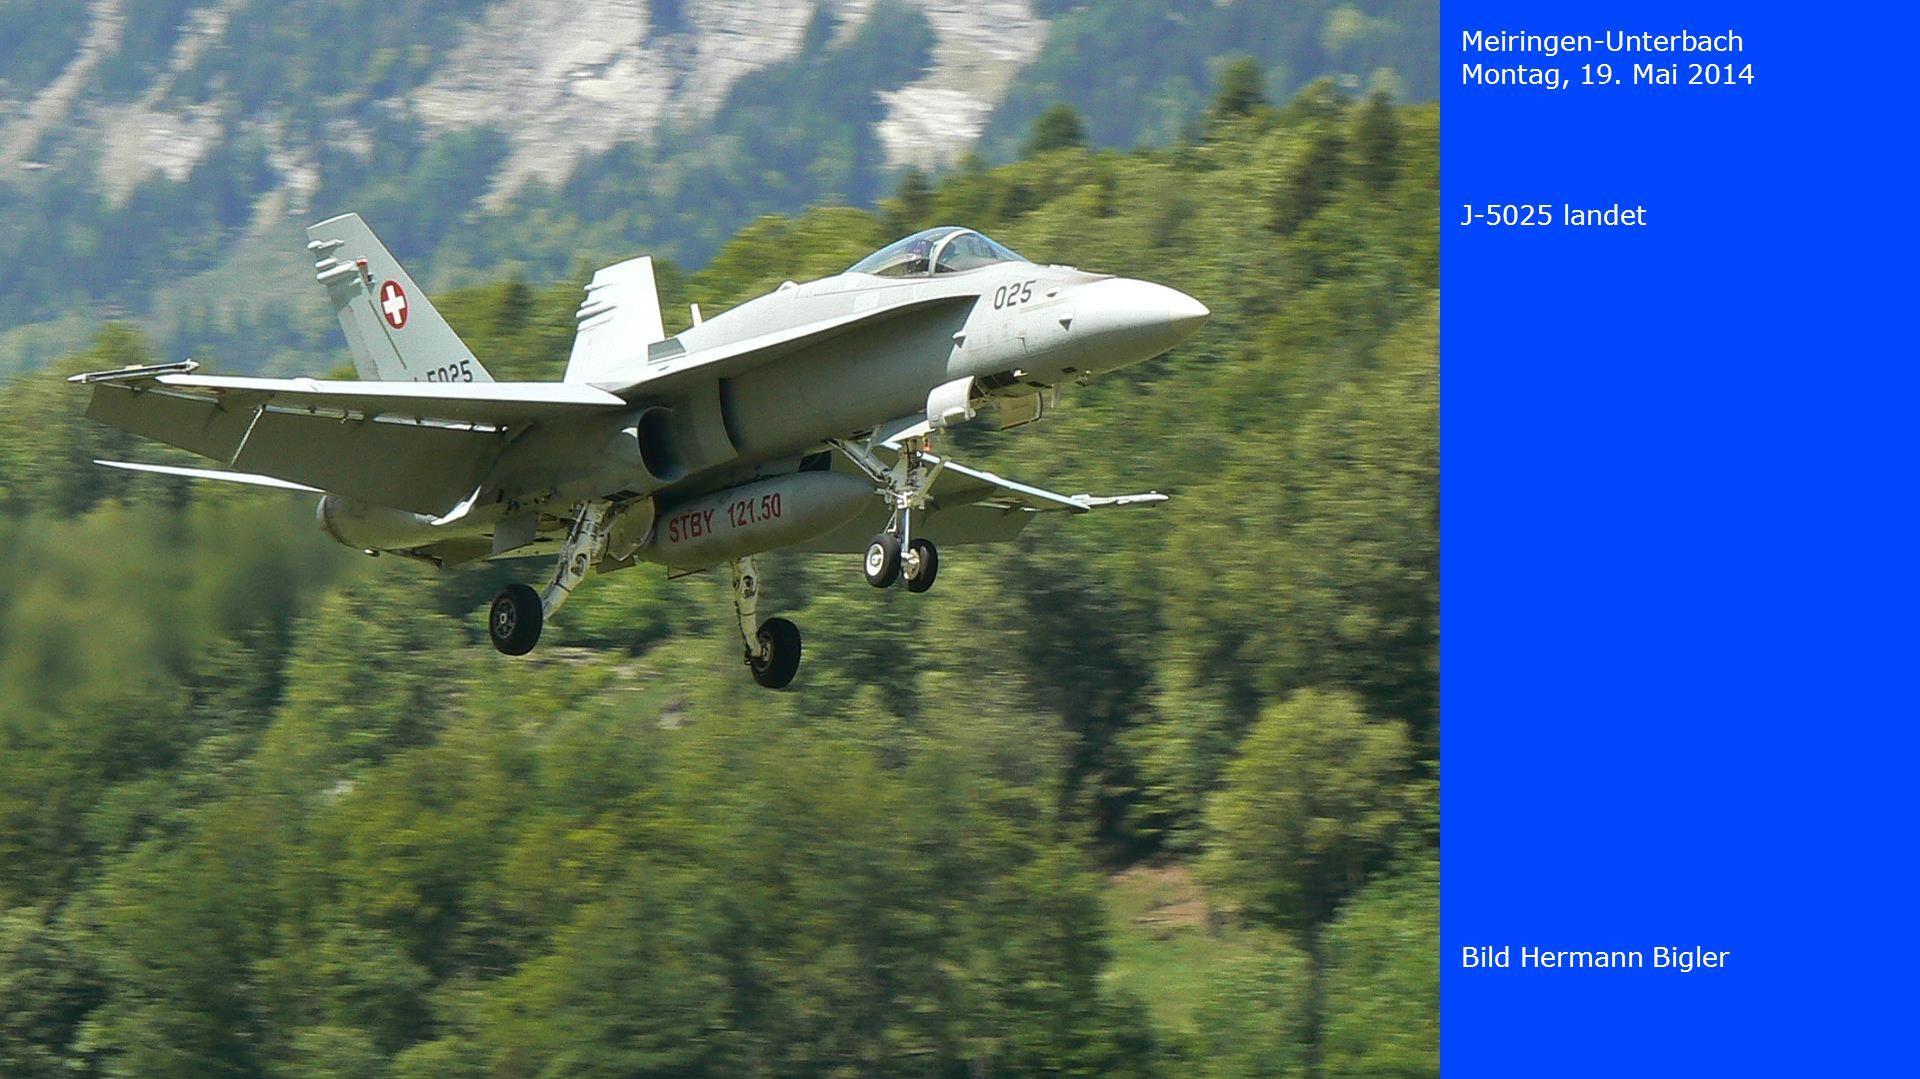 Meiringen-Unterbach Montag, 19. Mai 2014 Bild Hermann Bigler J-5025 landet